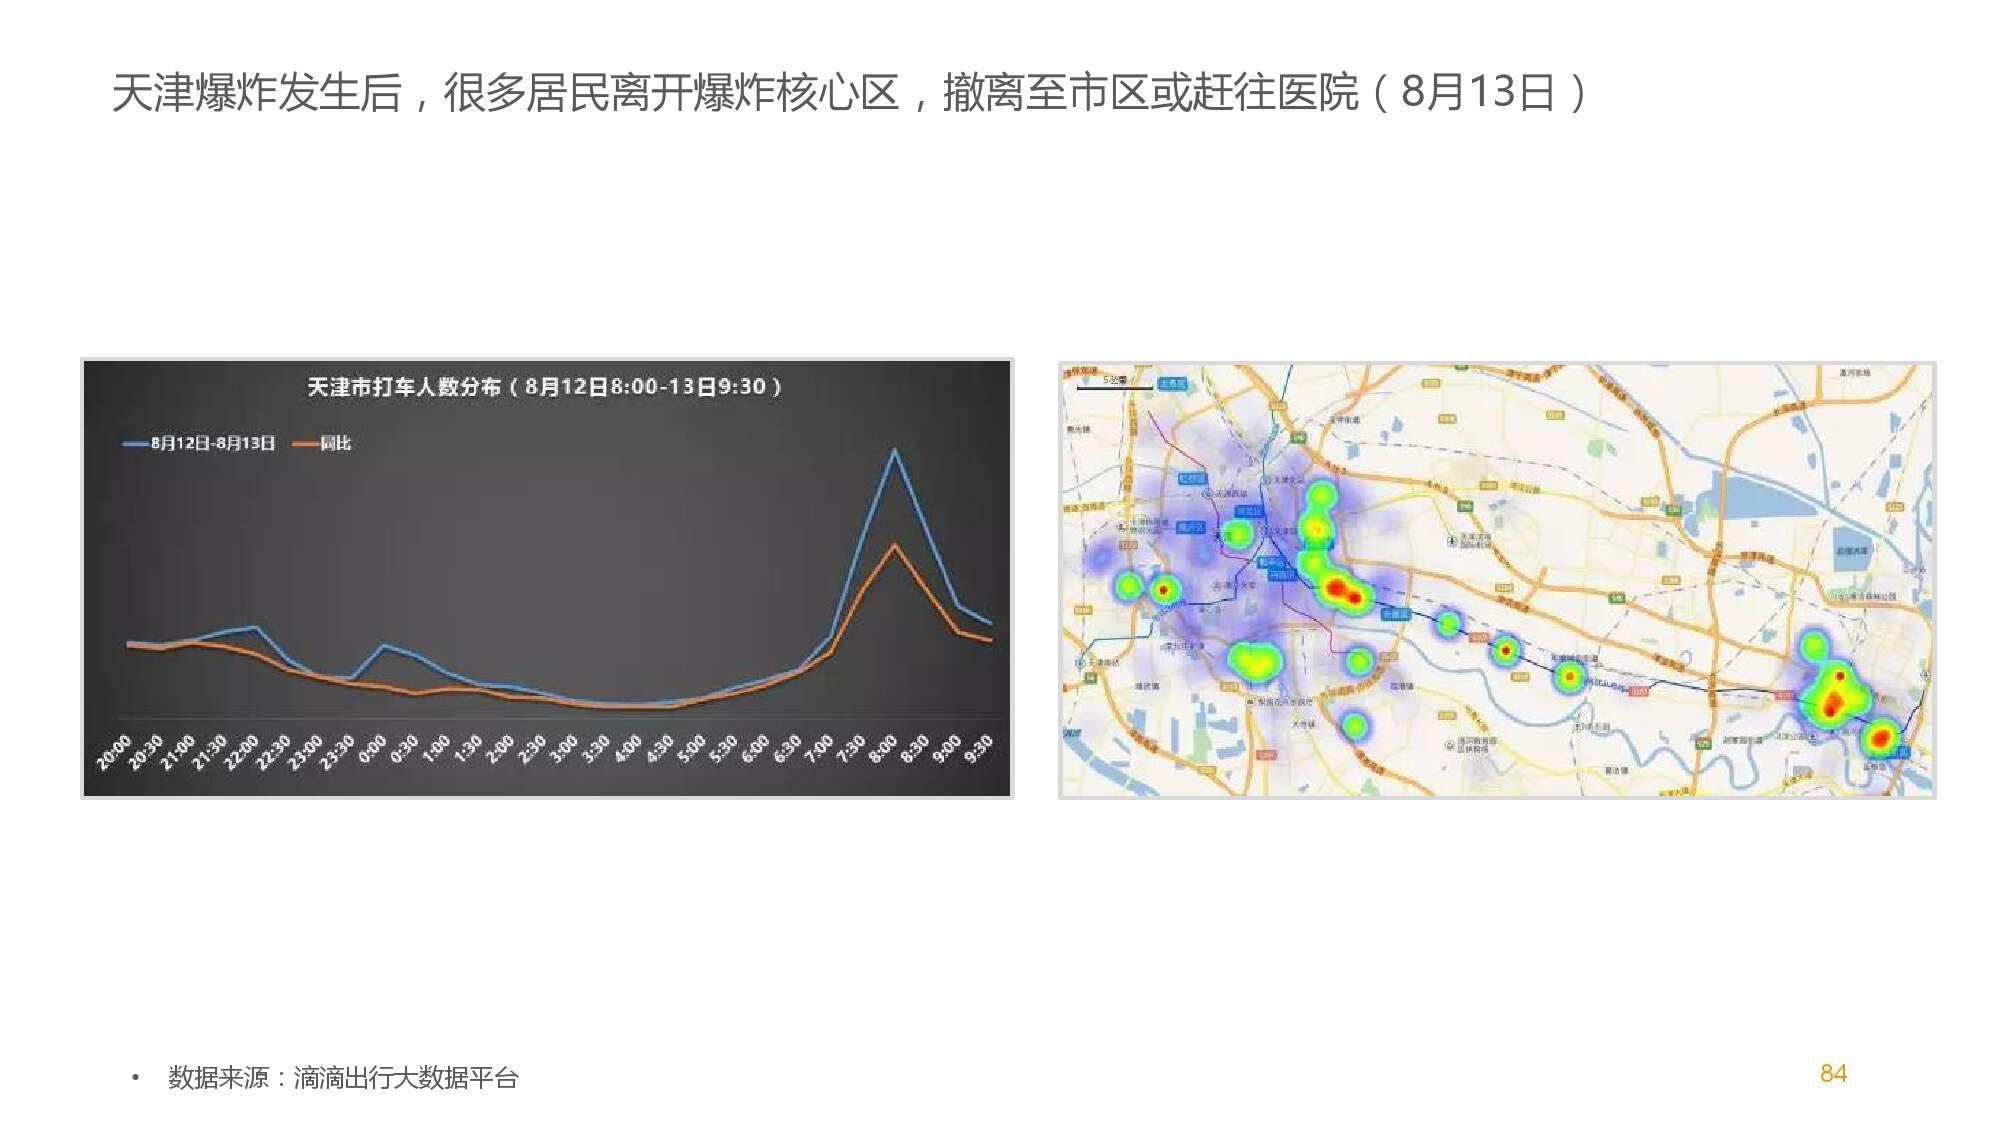 中国智能出行2015大数据报告_000084